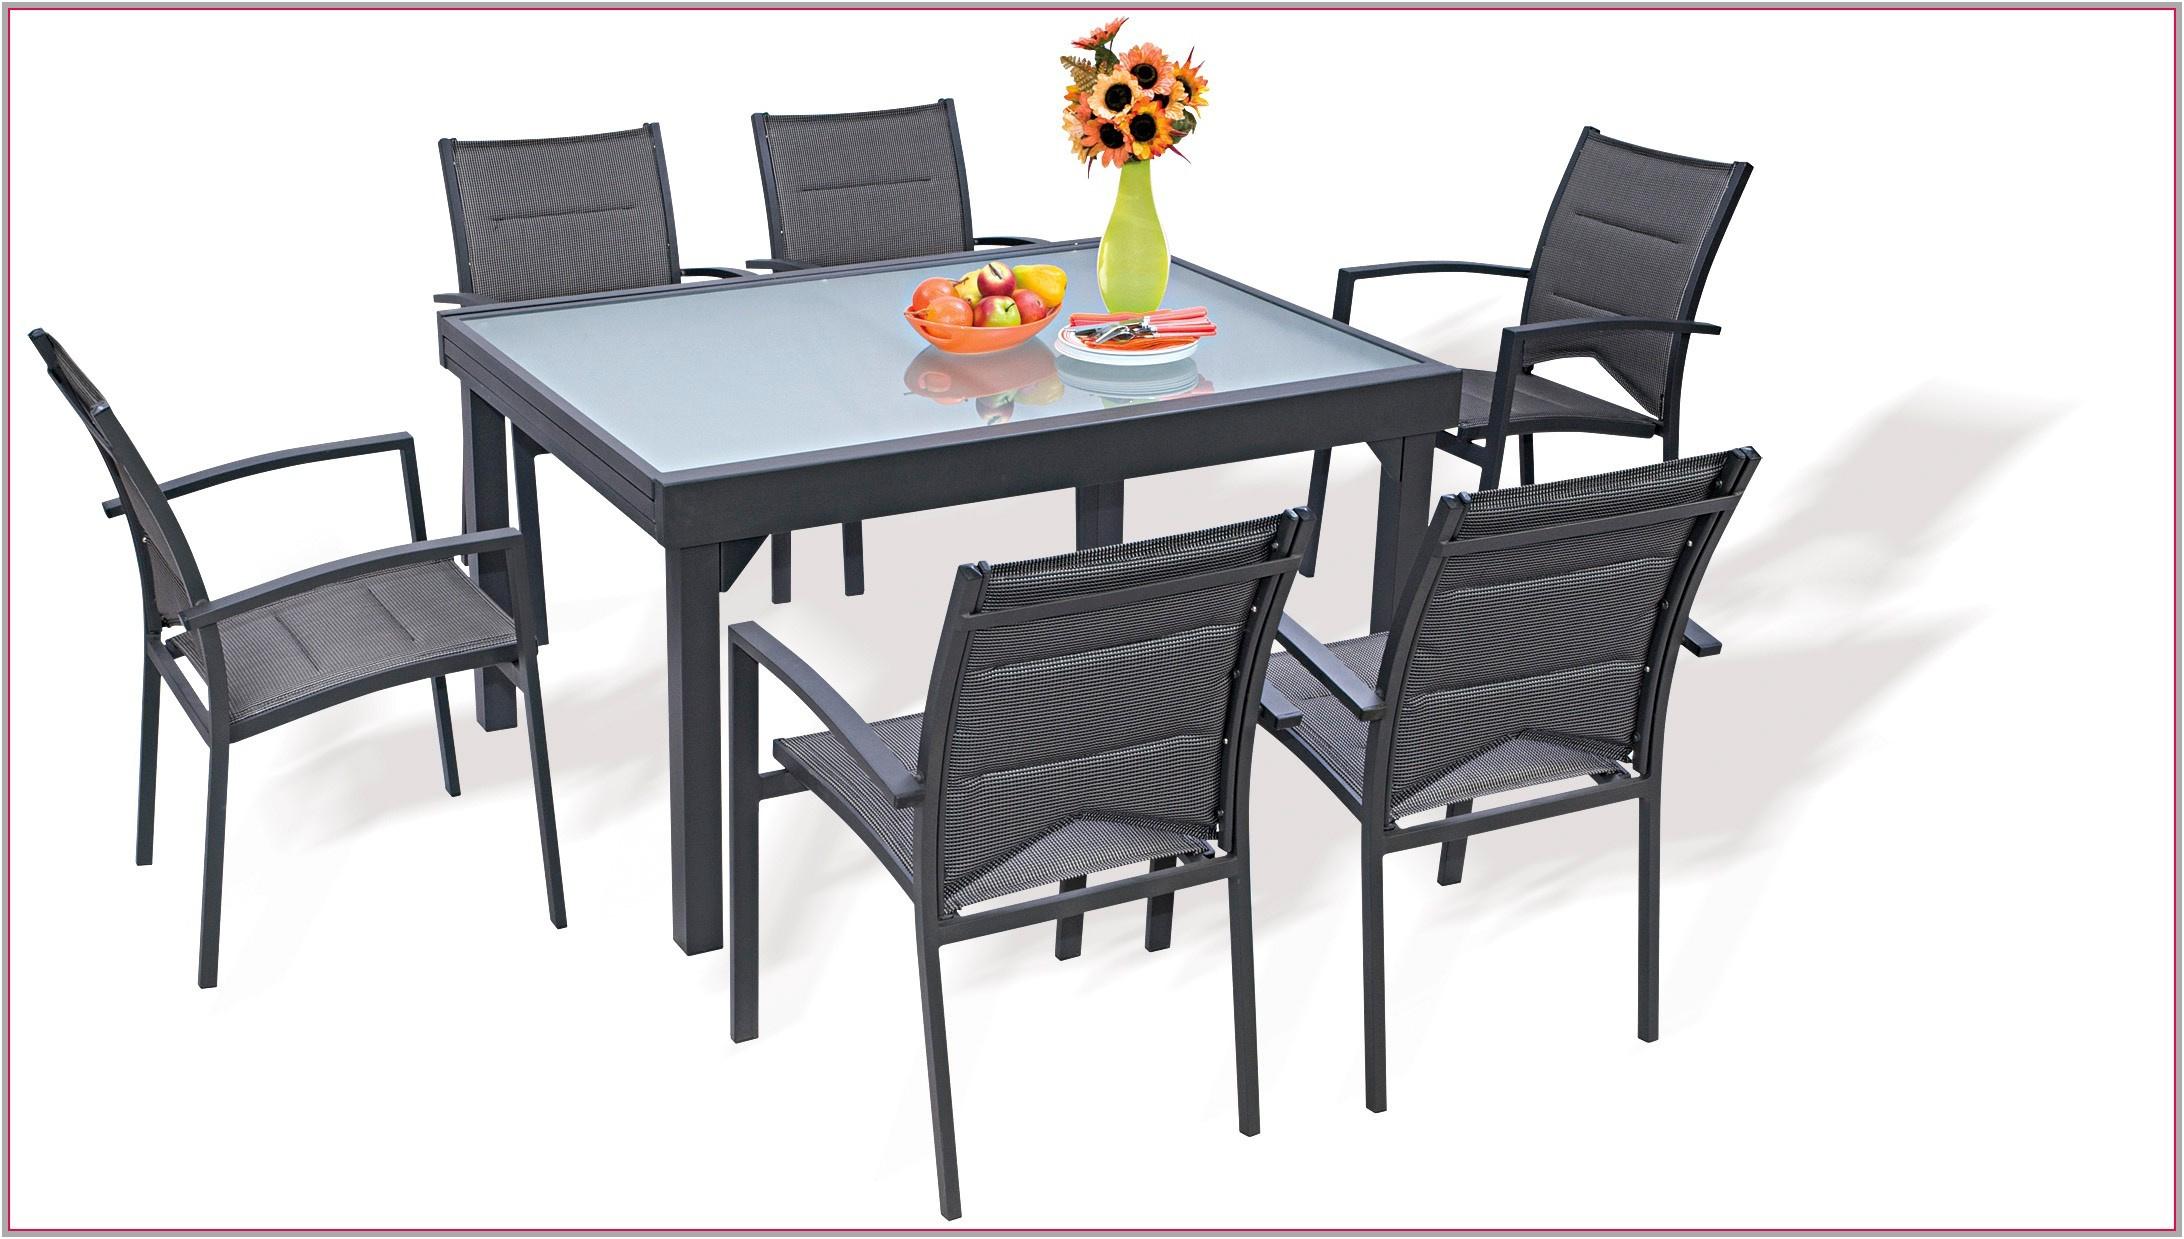 12 Amusant Solde Table De Jardin Castorama Banc Bout De Lit A Banc De Jardin Castorama Agencecormierdelauniere Com Agencecormierdelauniere Com